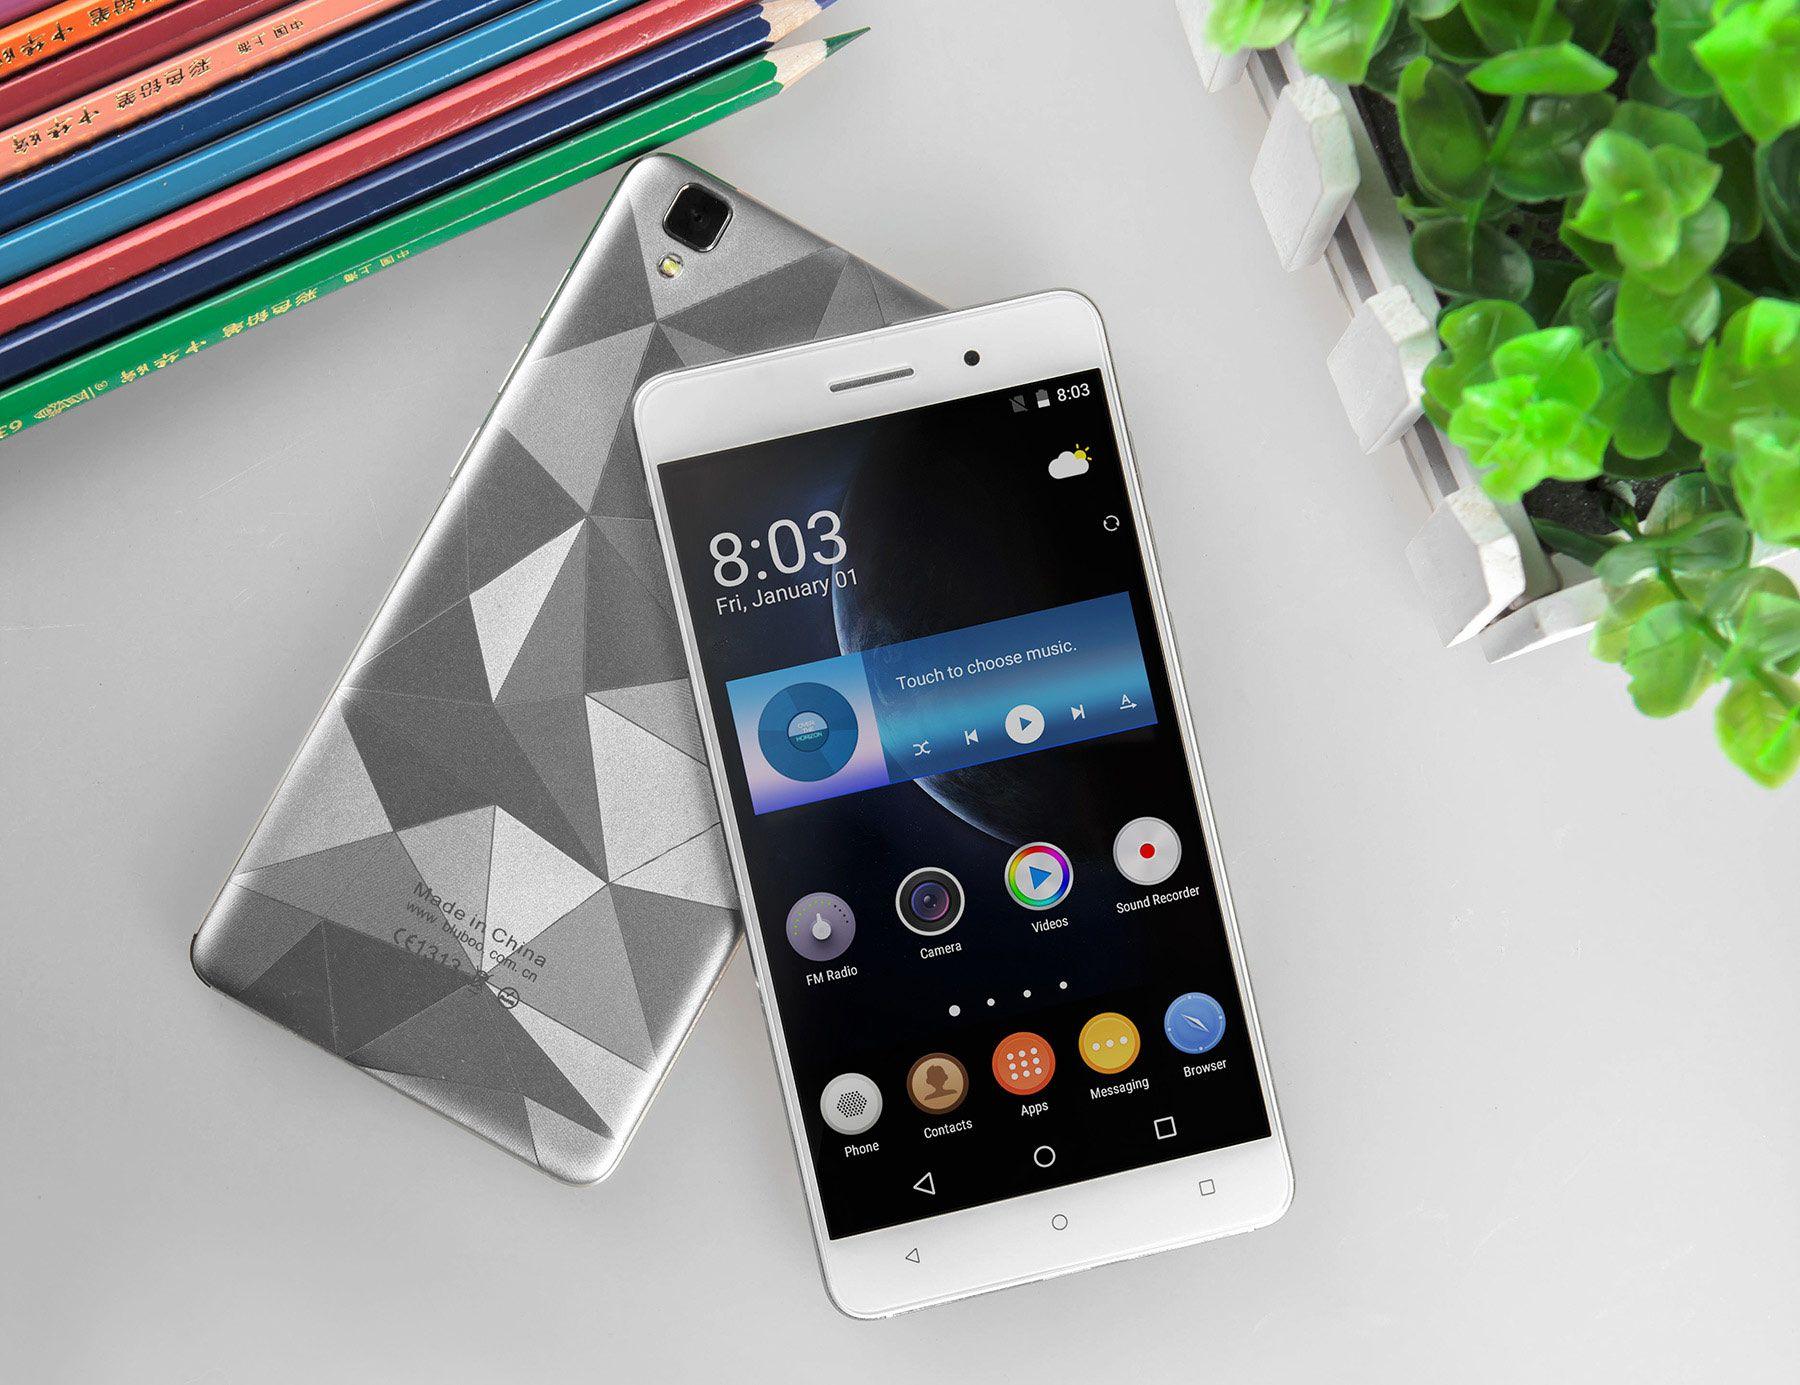 Если снять заднюю крышку, чтобы посмотреть на начинку смартфона, то можно будет увидеть слоты для двух сим-карт и один слот для SD карты. Один слот предназначен для полноразмерной карты, второй - для микро-карты.